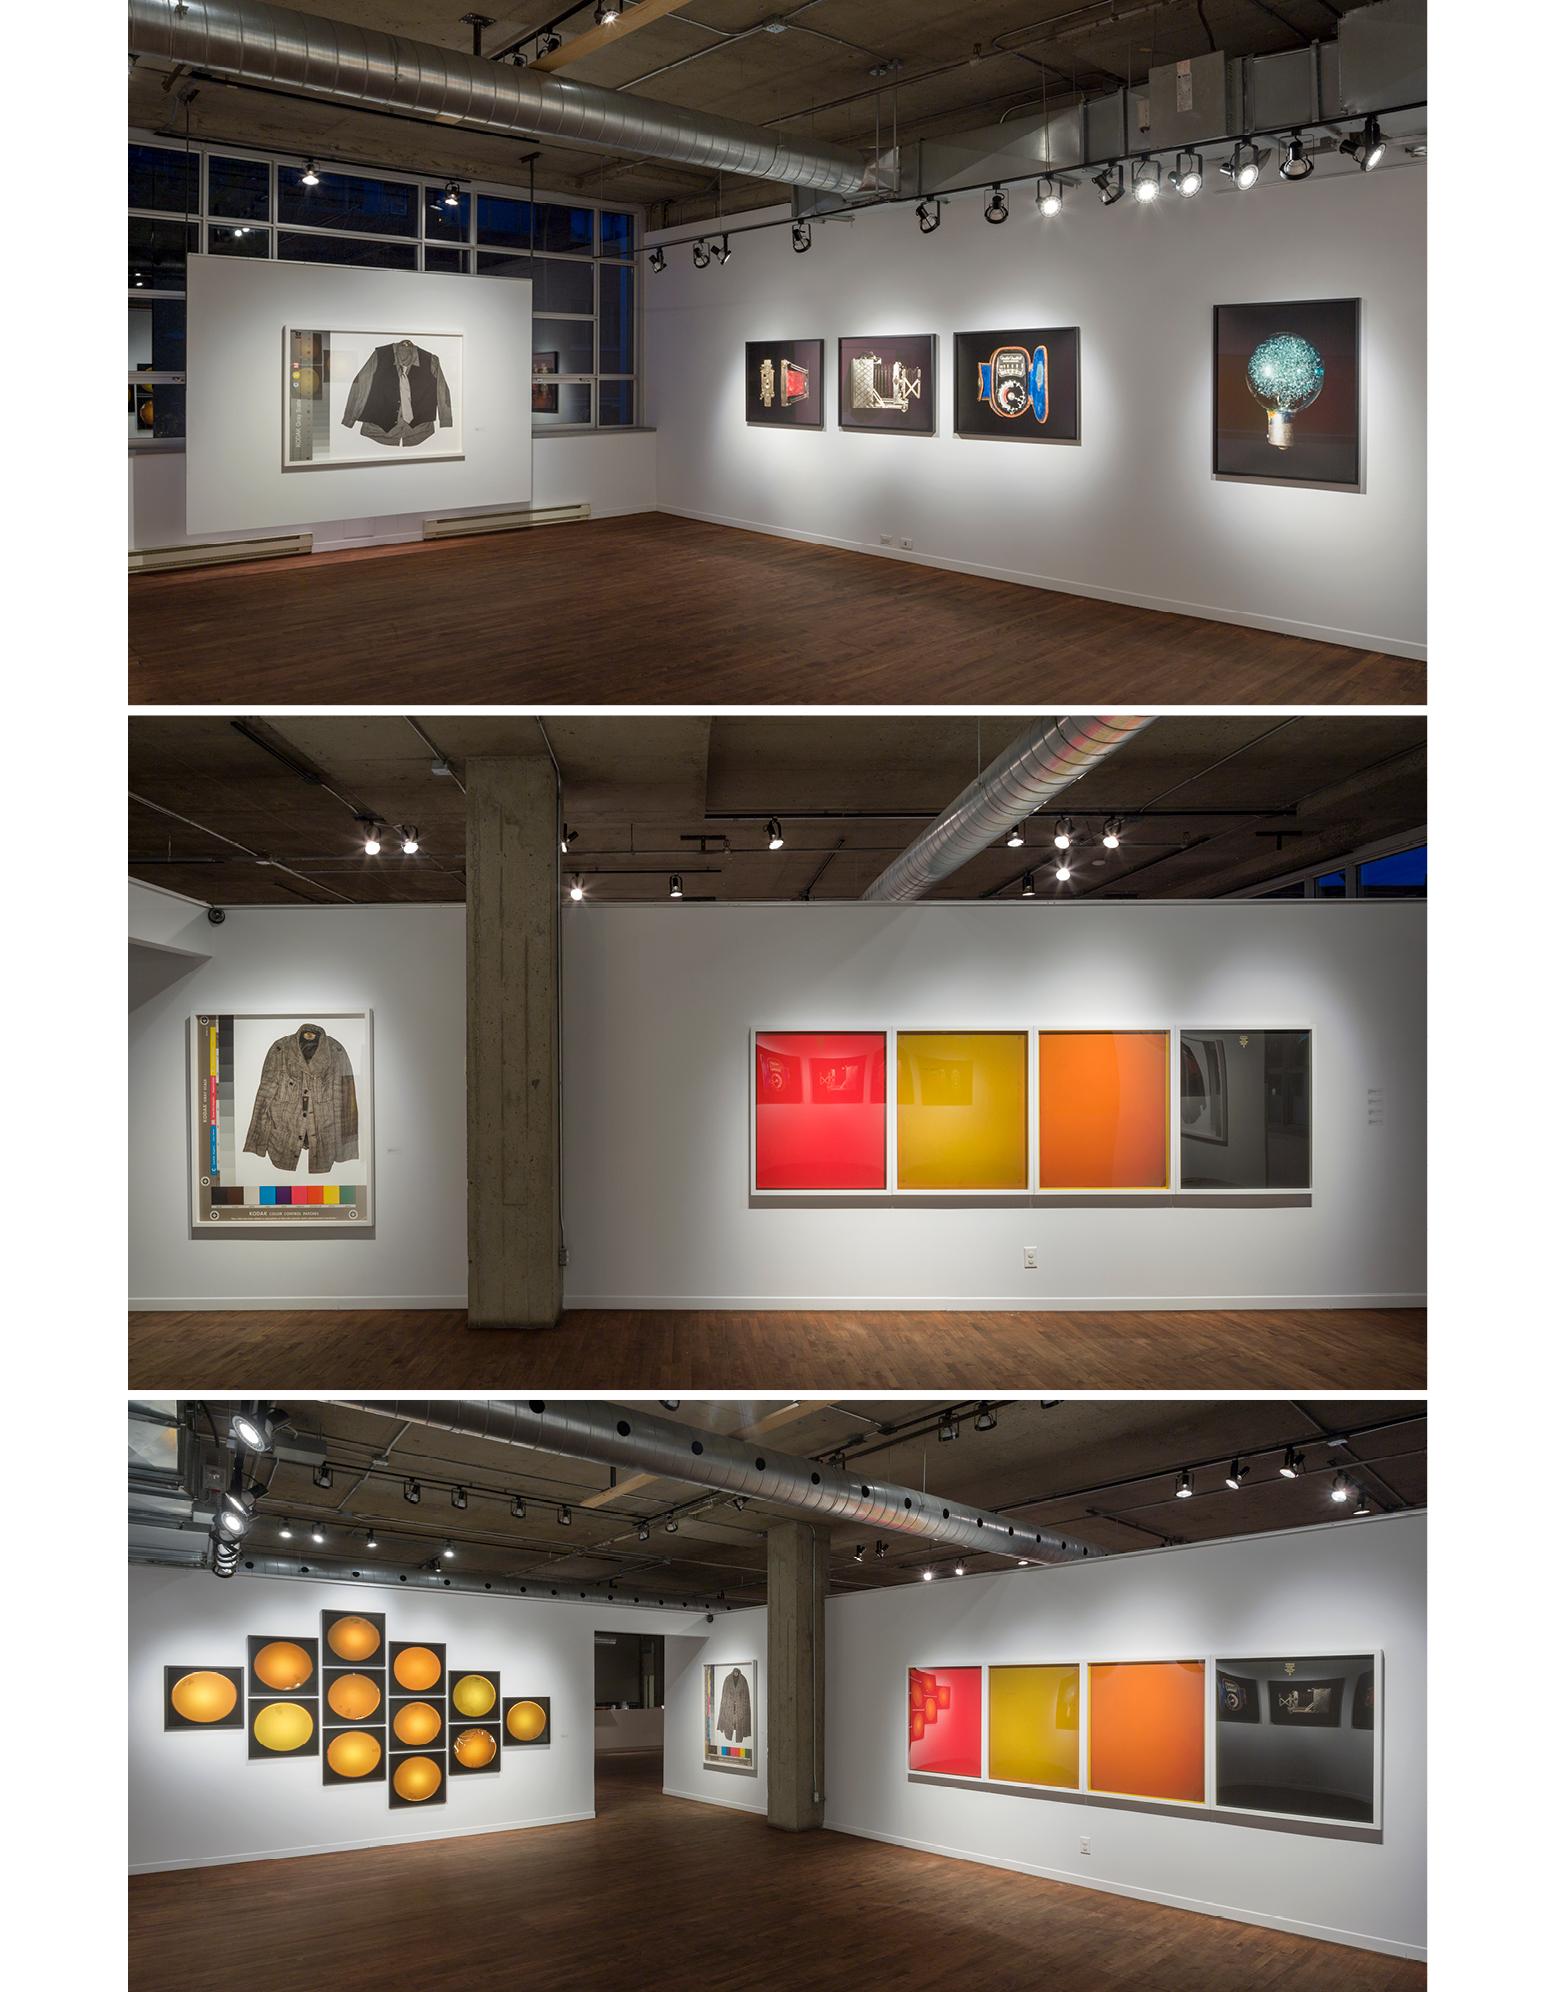 Michel Campeau. Travaux récents  Galerie Simon Blais, Montréal, Québec, du 11 sept. au 12 oct. 2013 Photographies © Guy L'Heureux